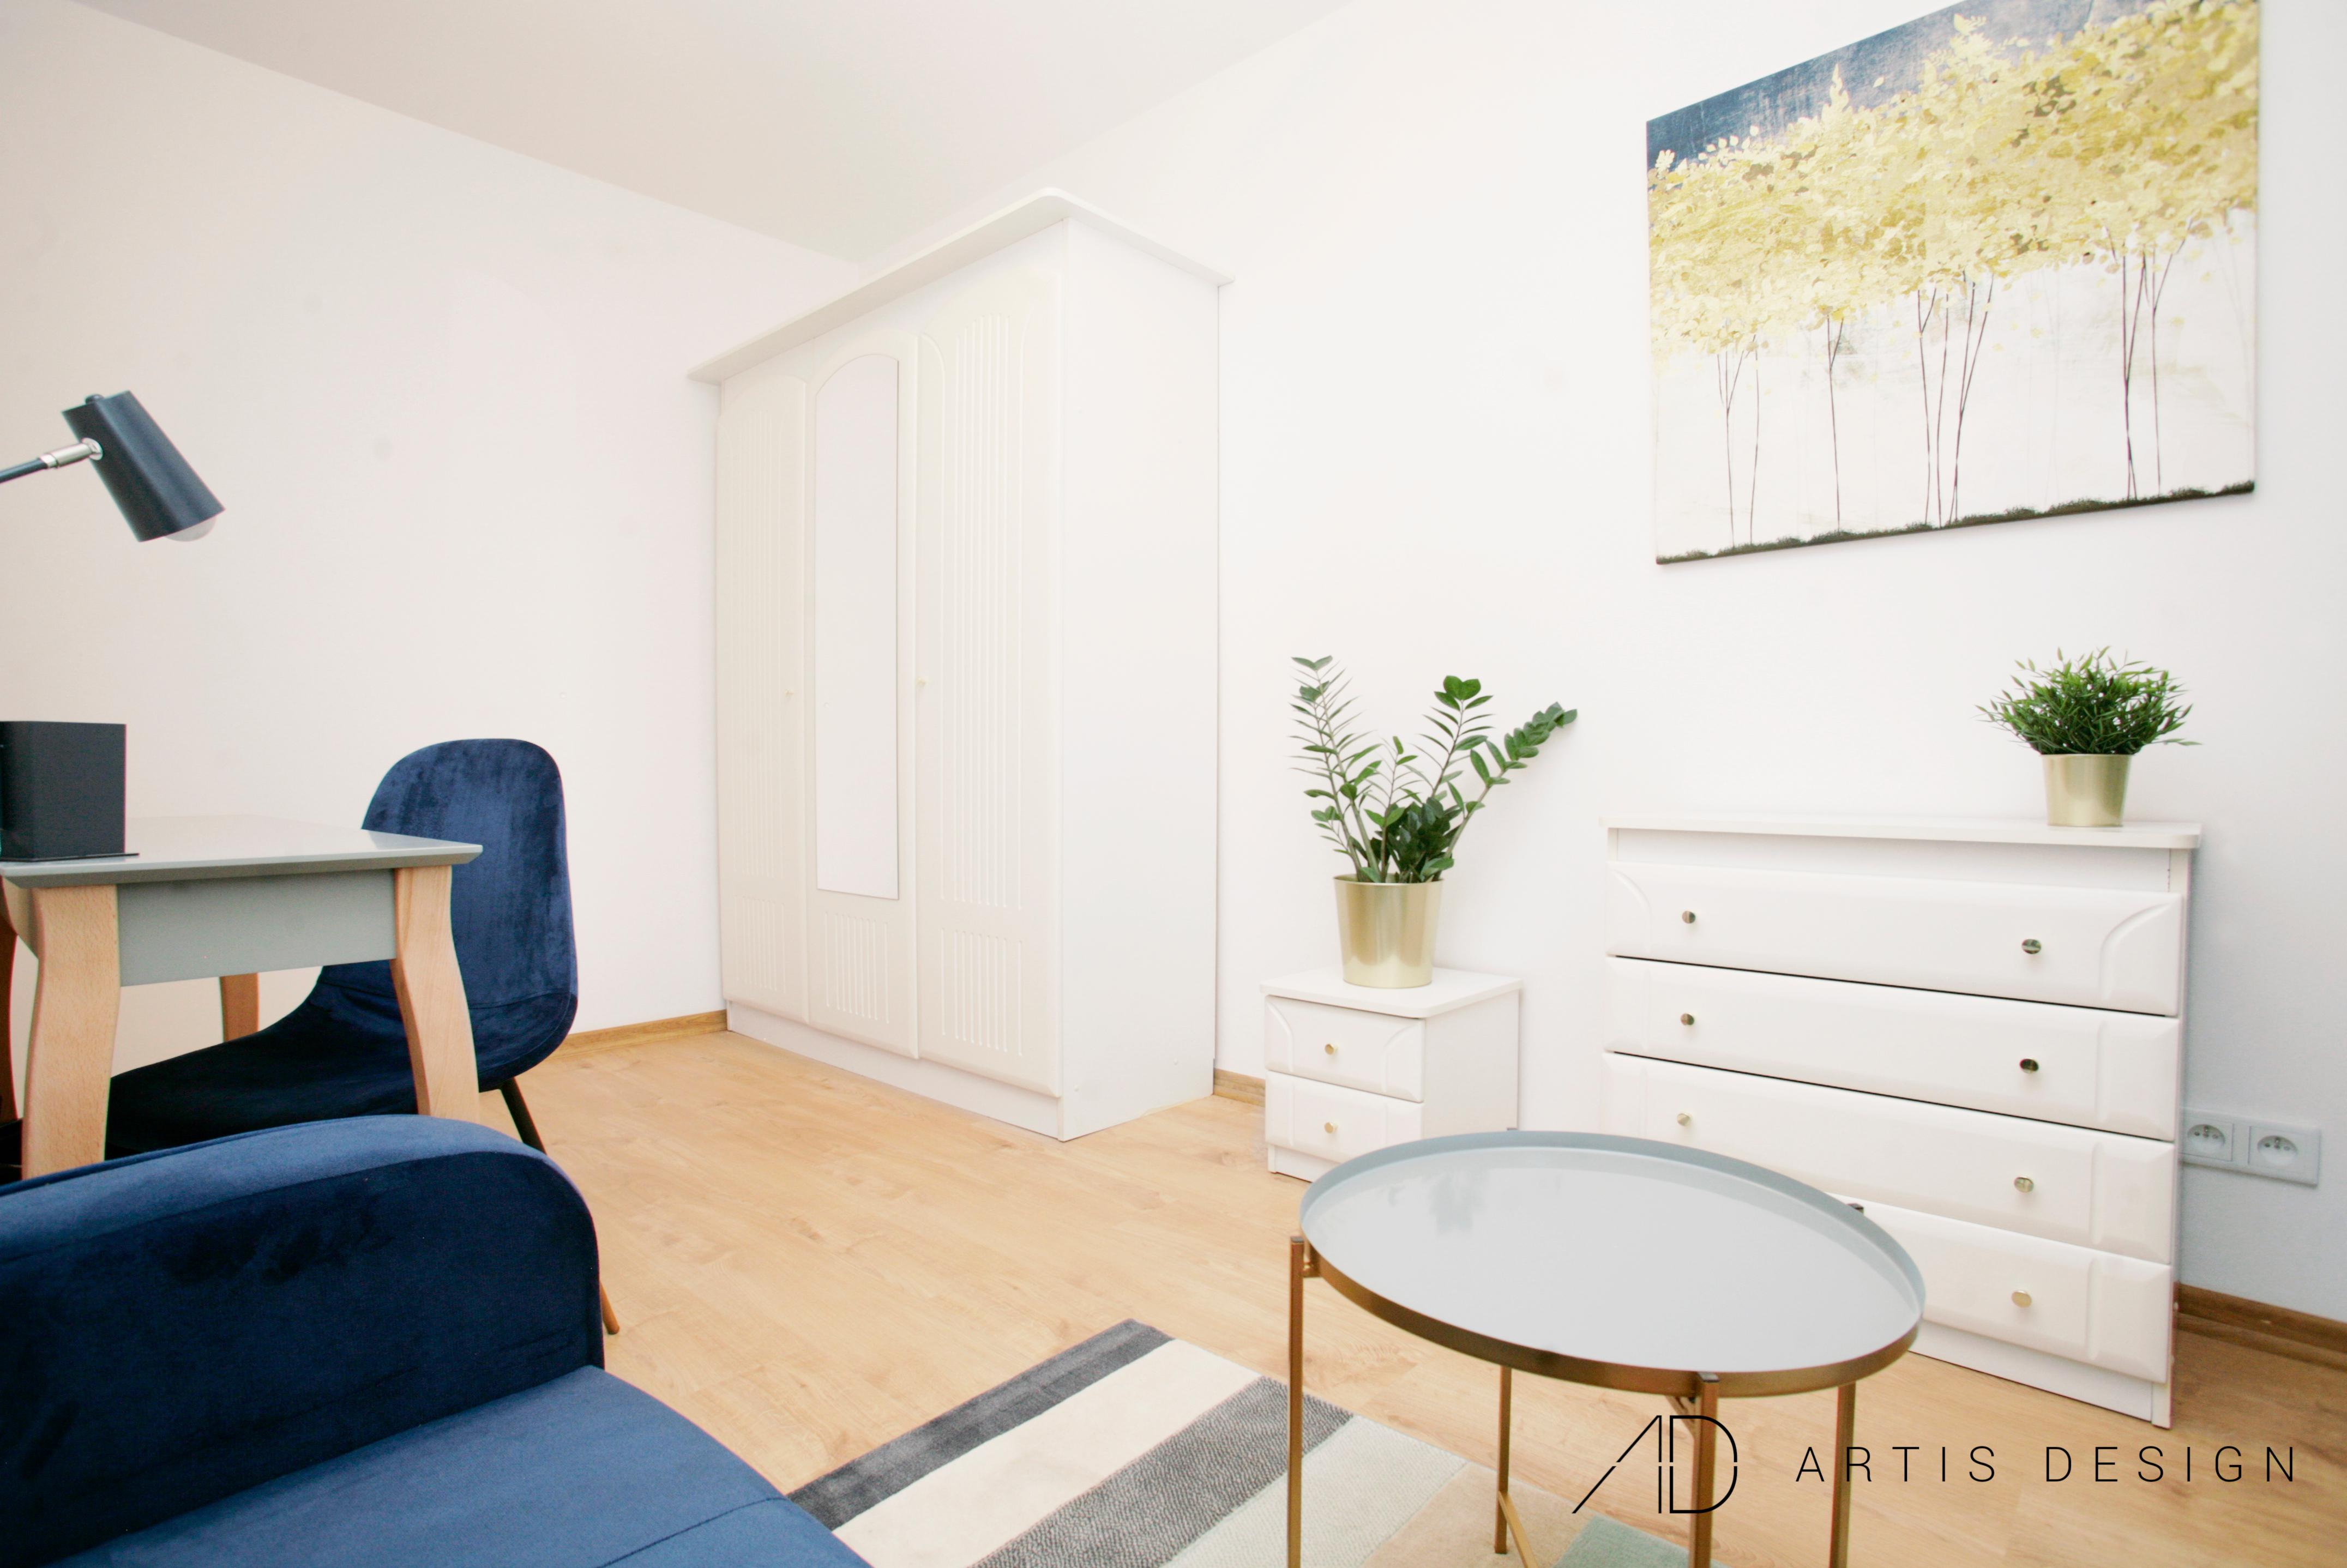 Projekt: Mieszkanie do wynajęcia w stylu eko   Artis Design: Studio projektowe